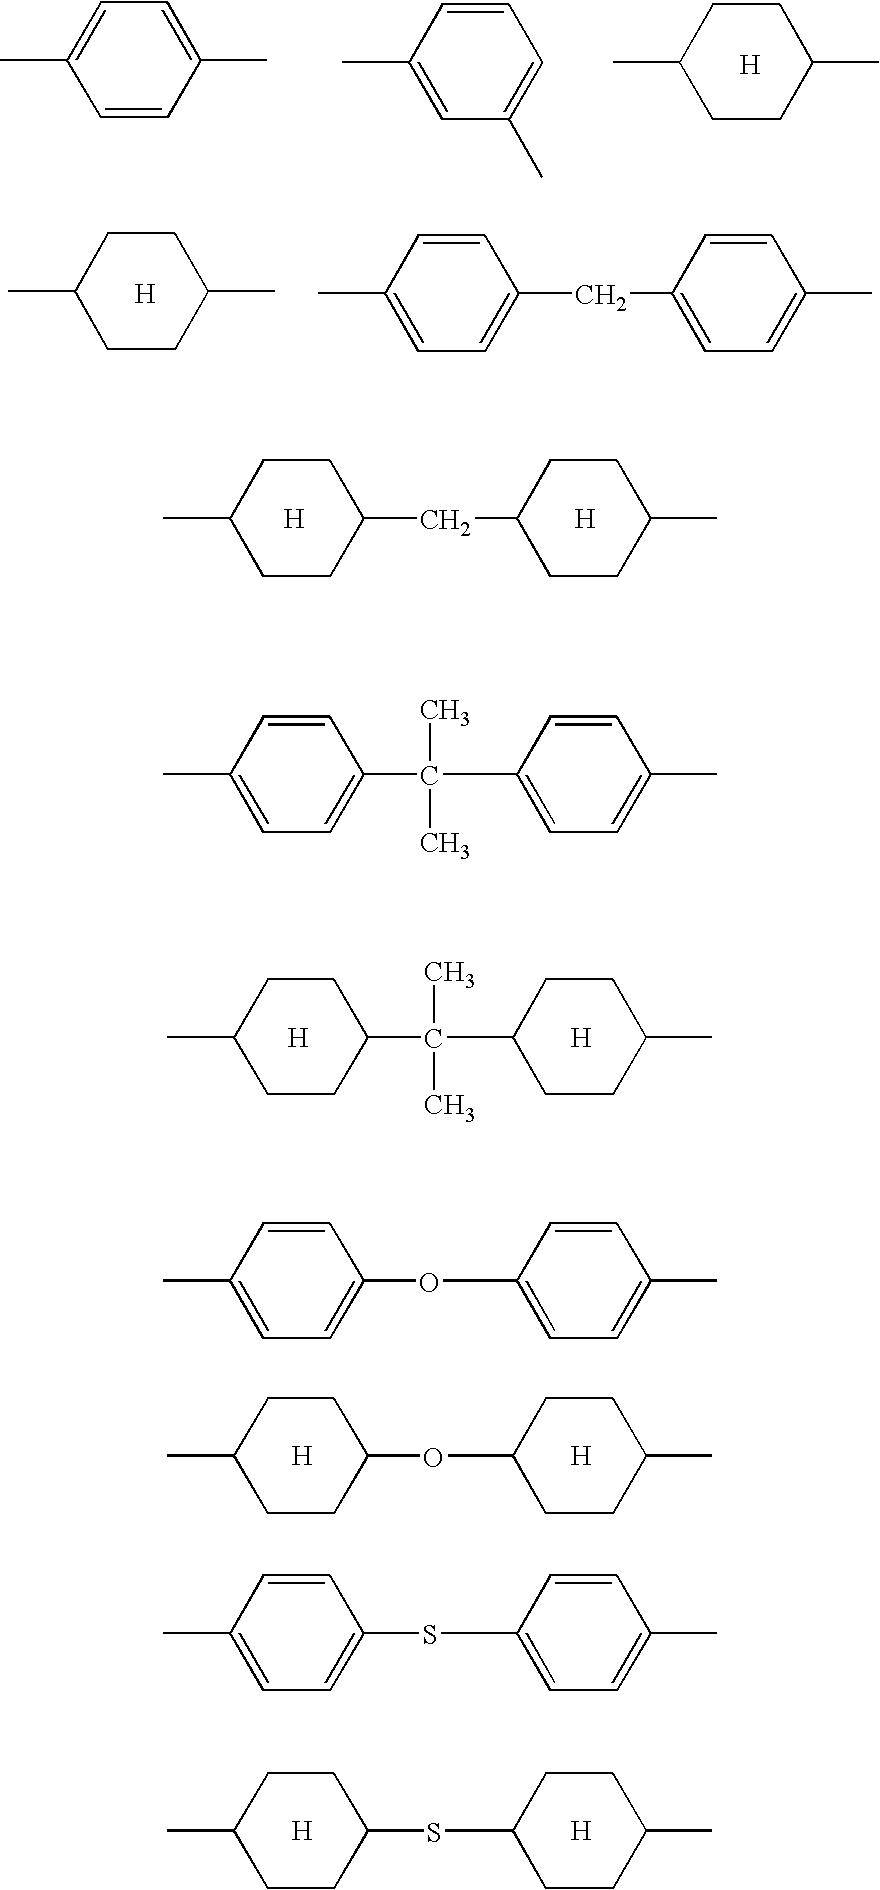 Figure US20050215660A1-20050929-C00004